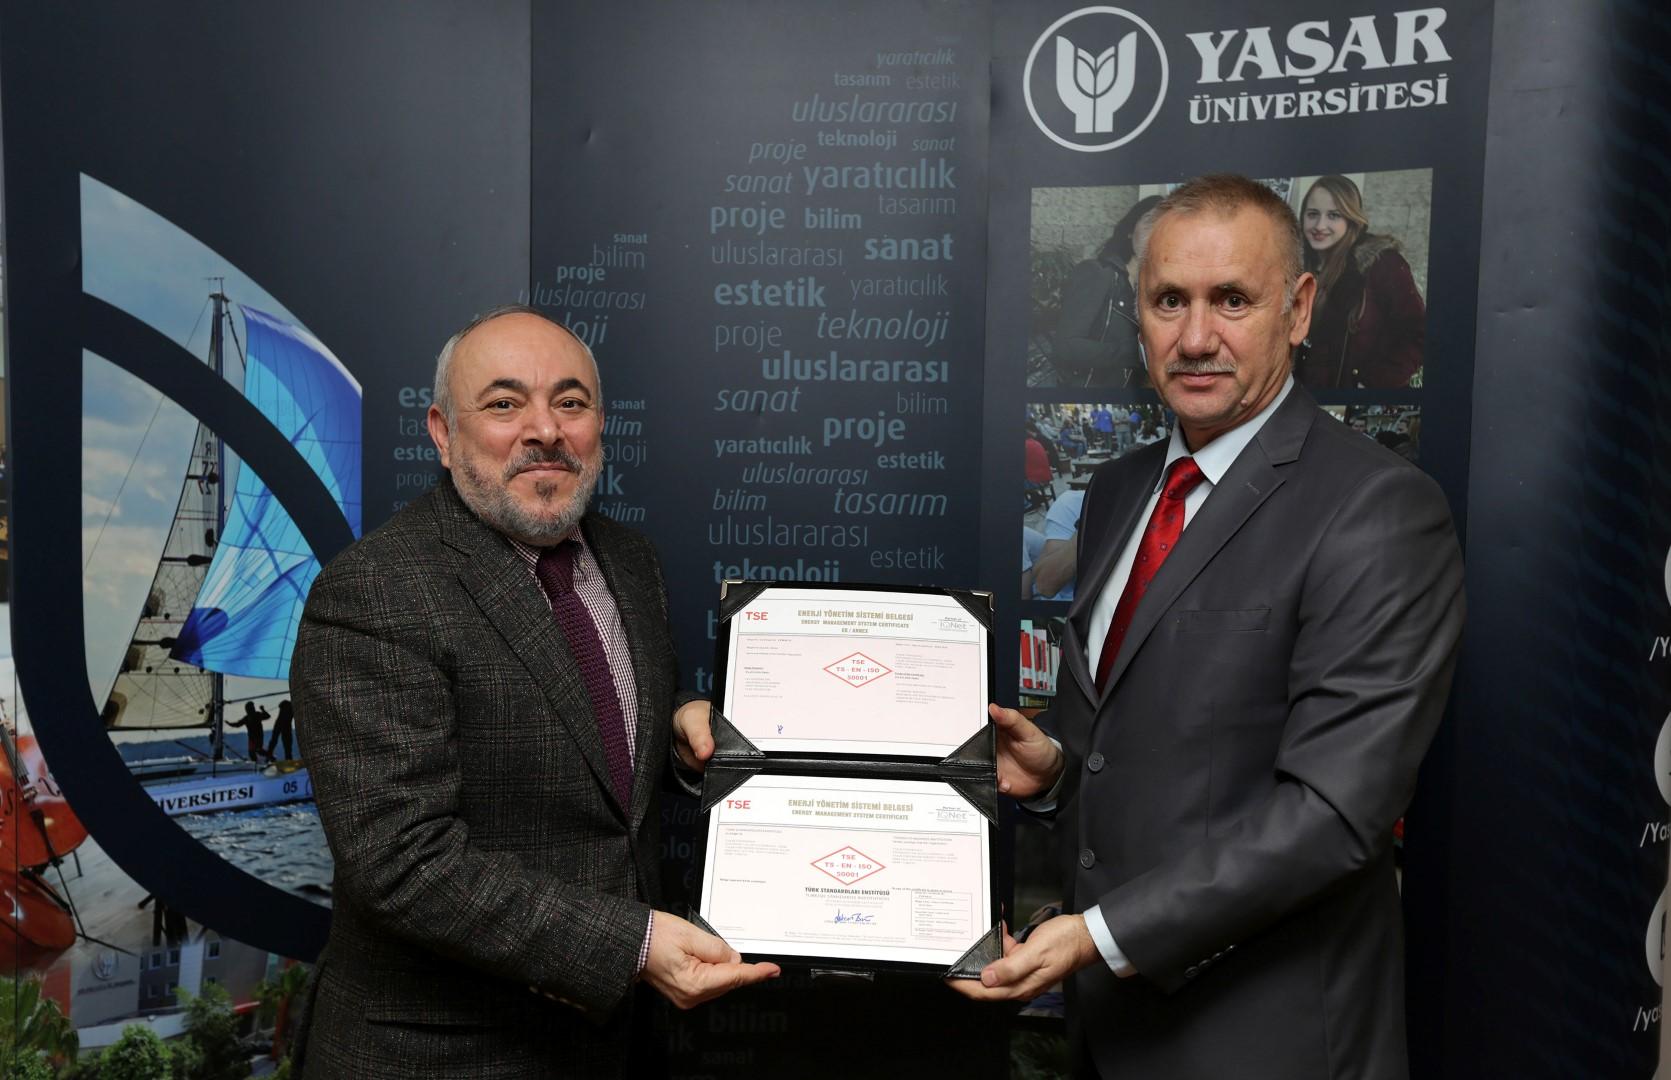 Yaşar Üniversitesi Rektörü Prof. Dr. Cemali Dinçer TS EN ISO 50001 belgesini TSE Ege Bölge Koordinatörü Atila Gündüz'den aldı.